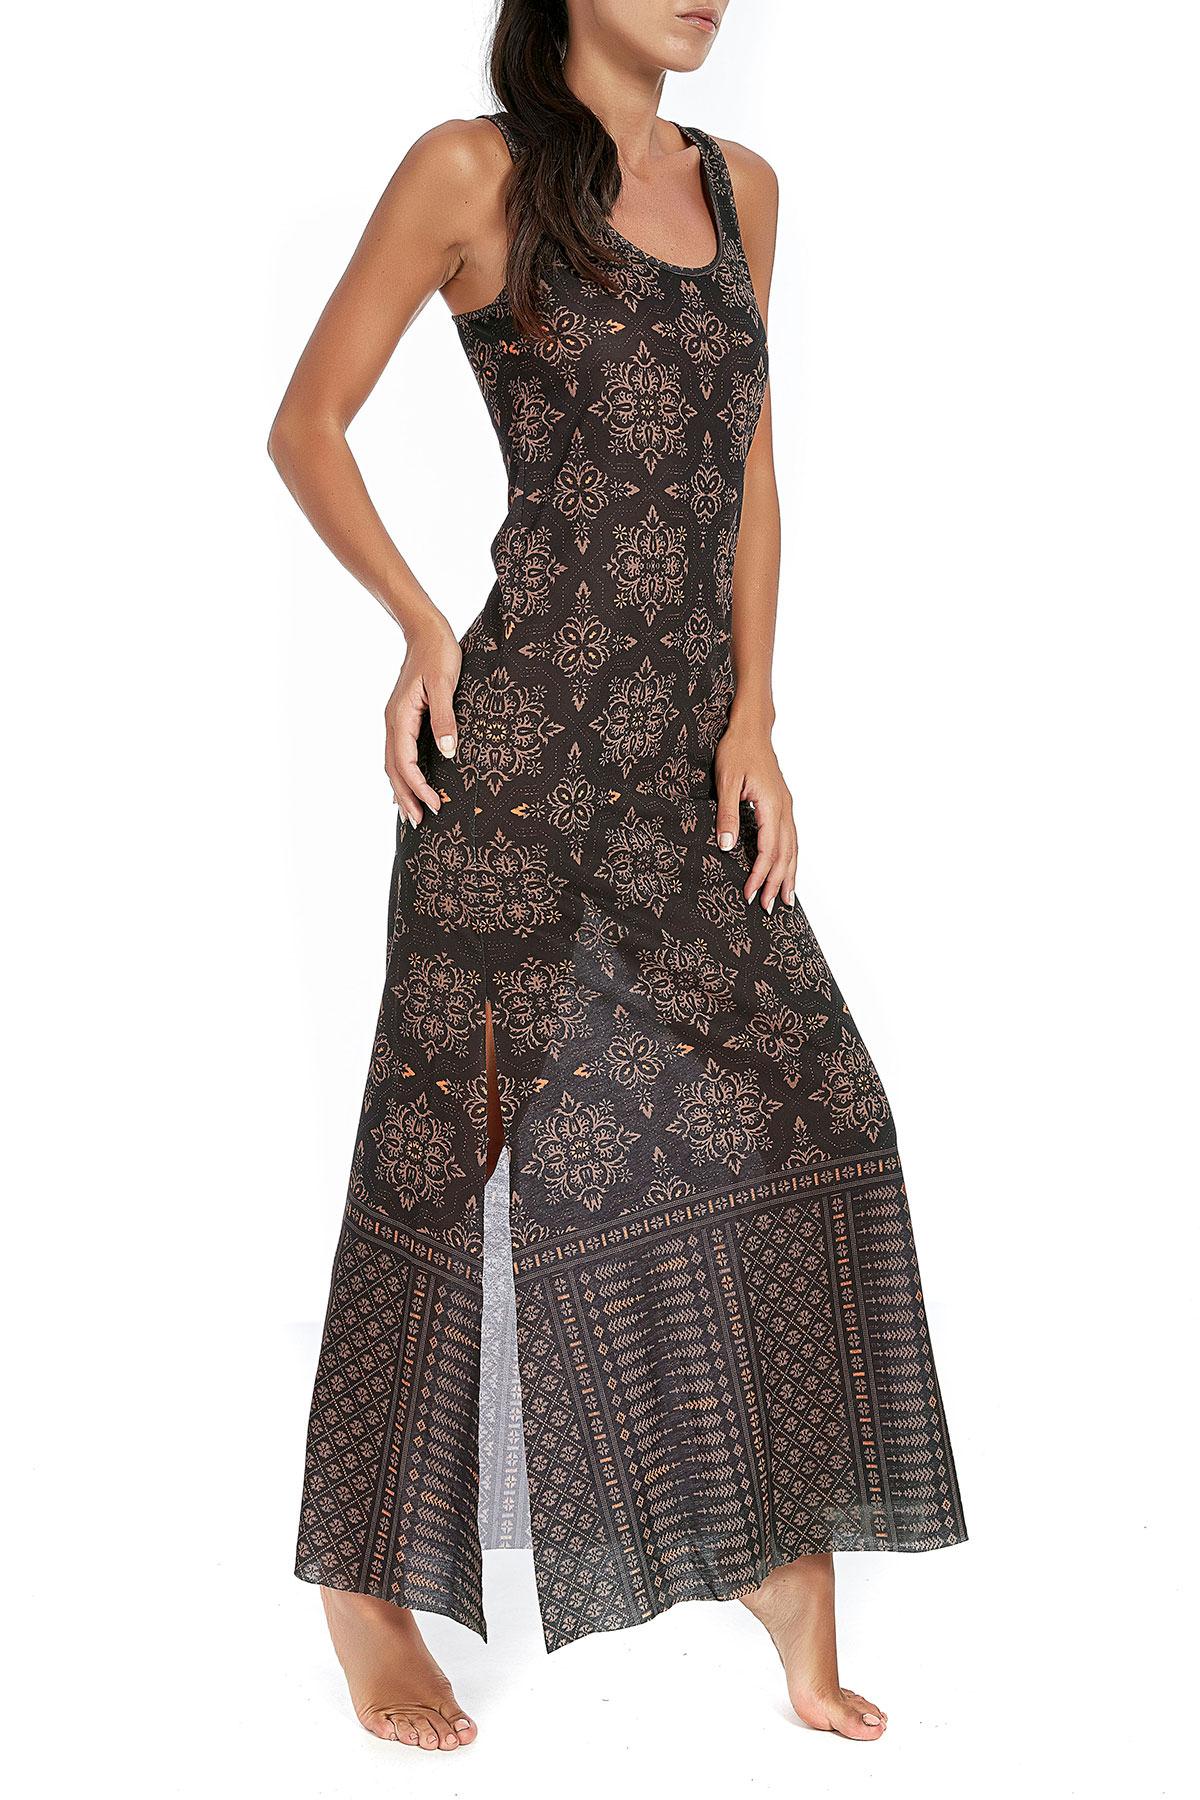 Maxi Project Long k F Dresses Bemymood v5qIvFx